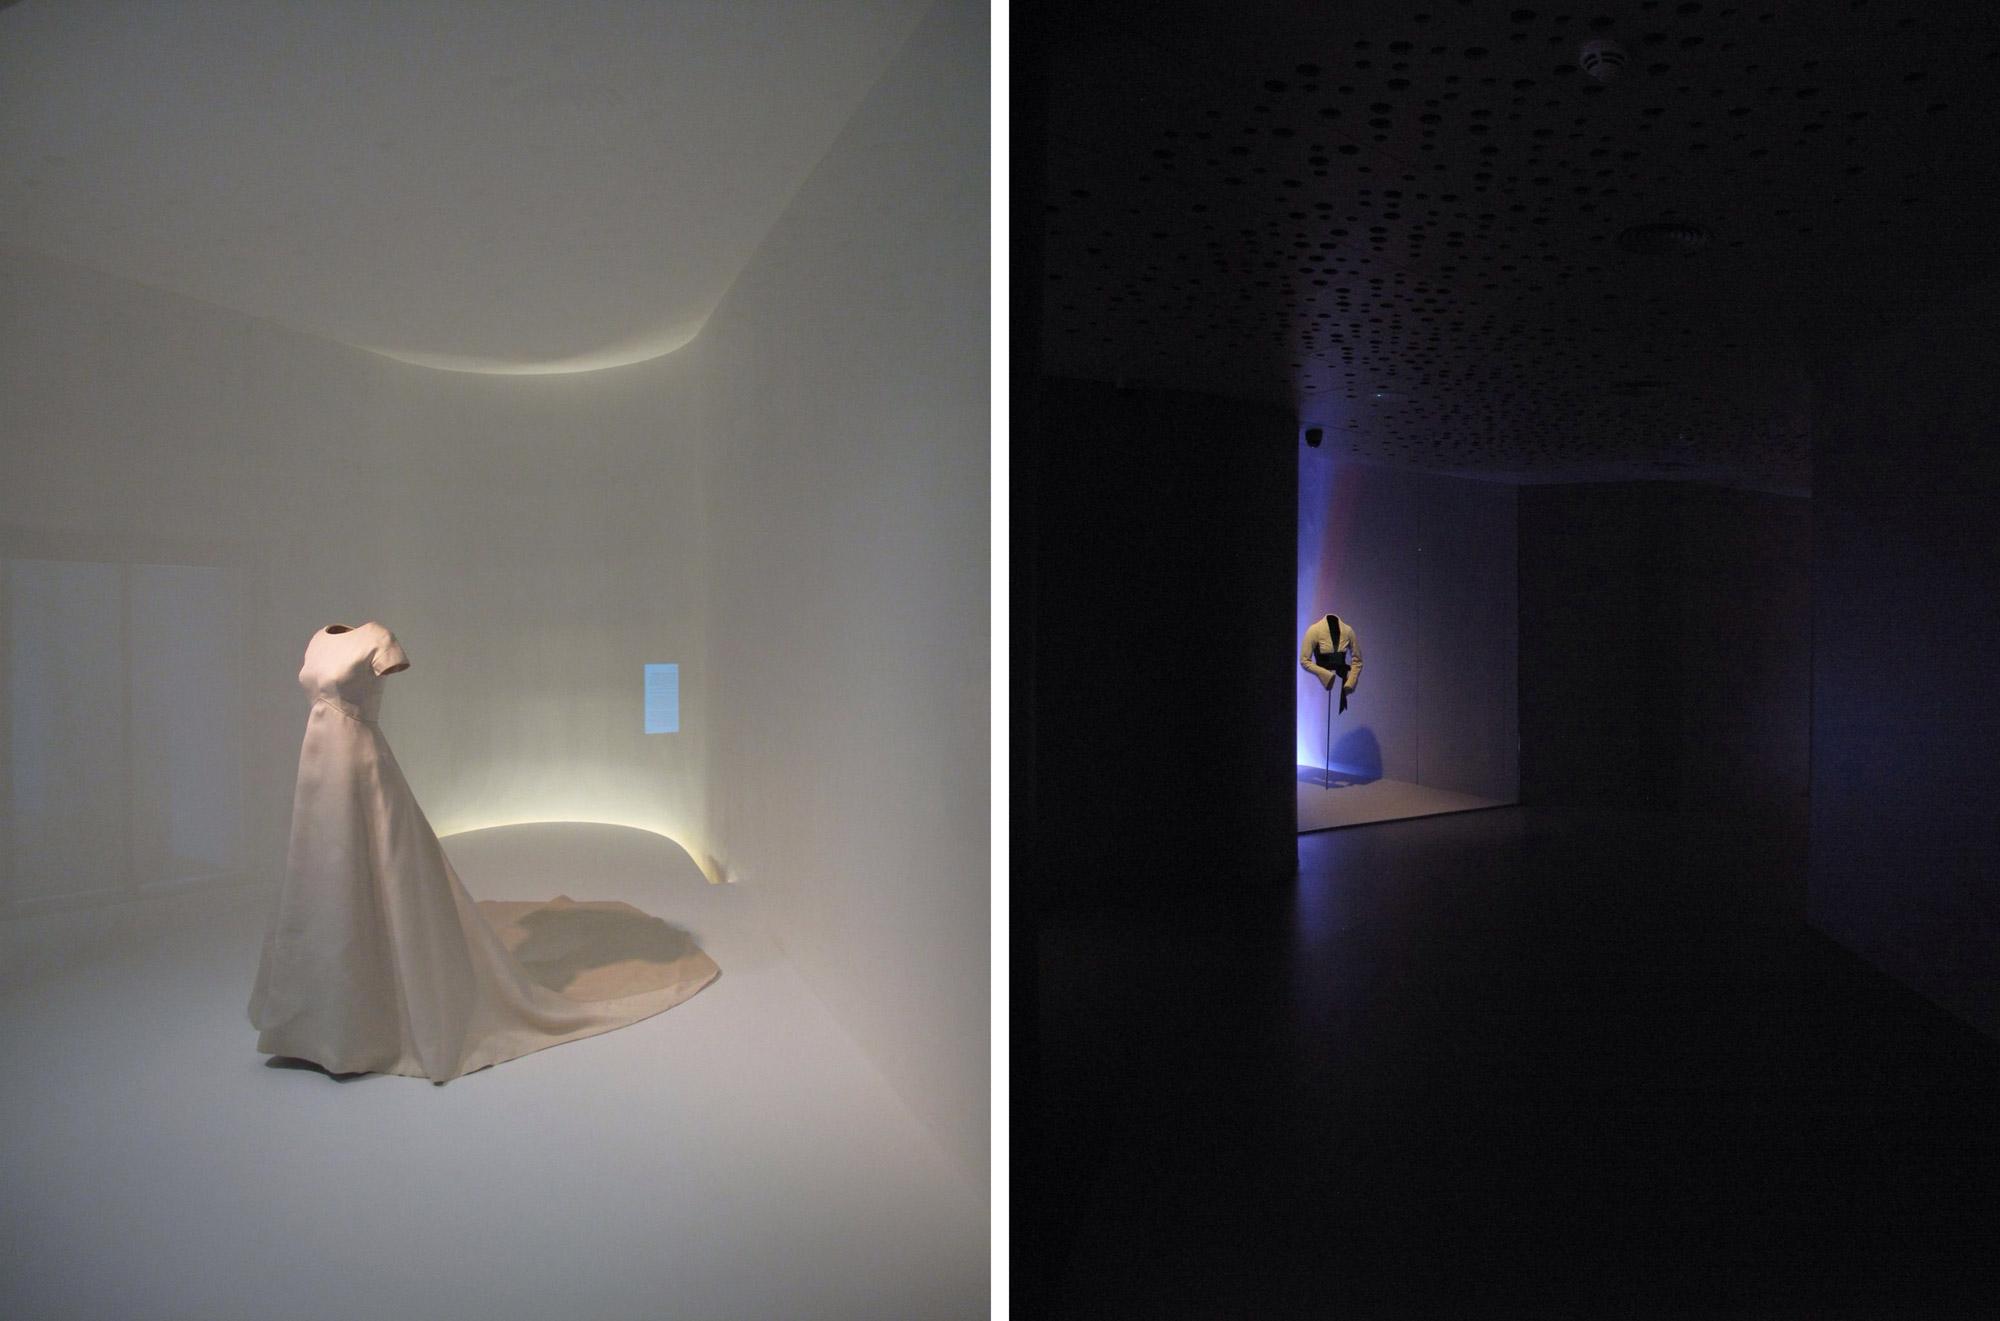 museo balenciaga_exposicion permanente3